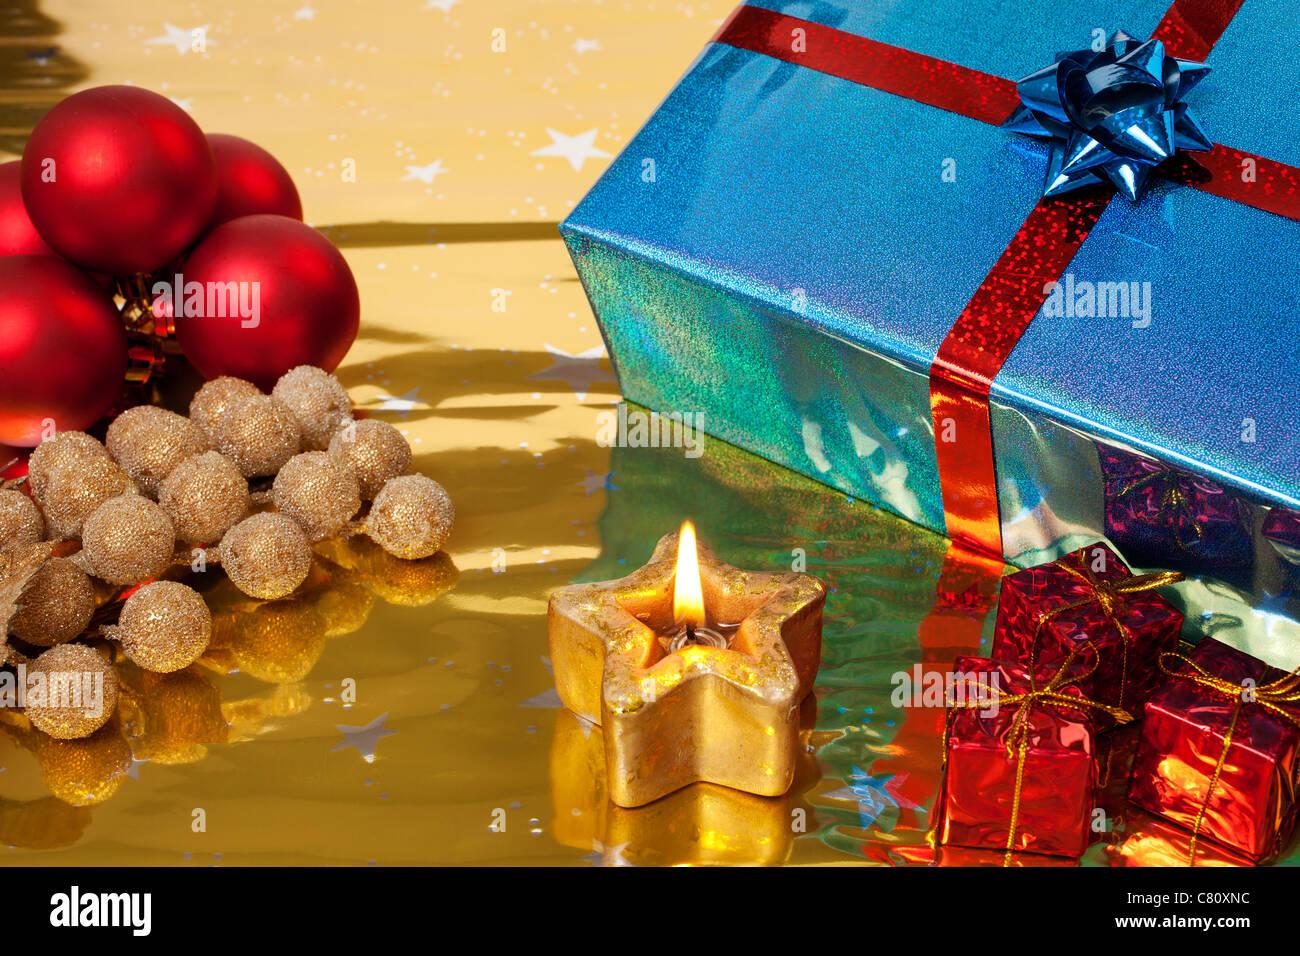 Regalos de Navidad Imagen De Stock